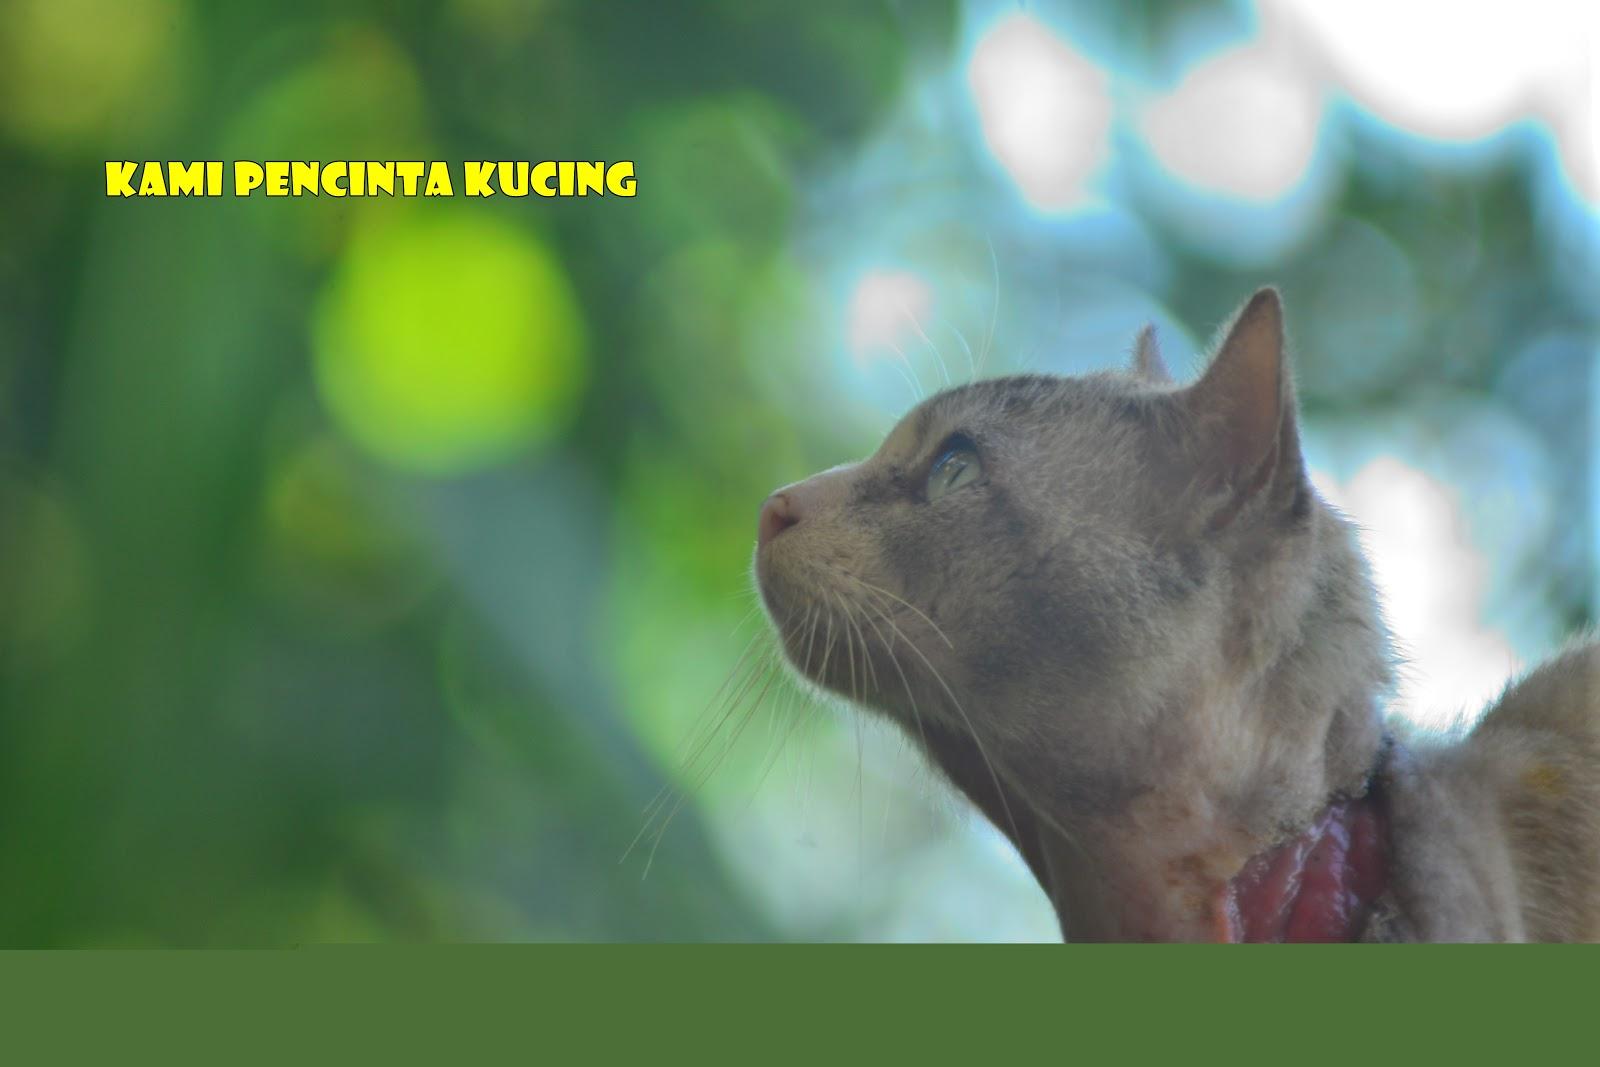 Kami Pencinta Kucing Abun Kucing Yang Bersemangat Kental